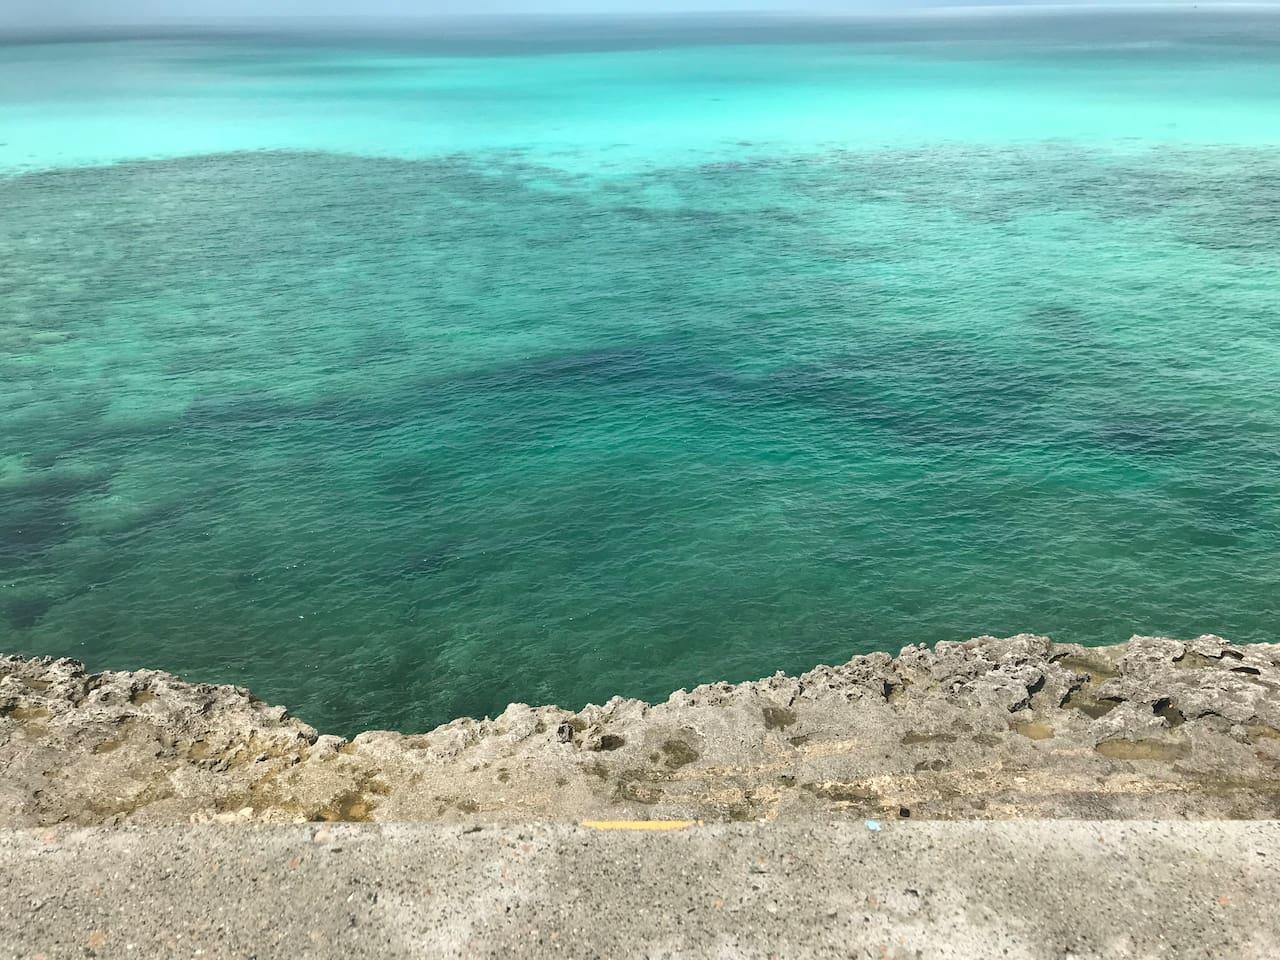 Bahama Bank side of Glass Window Bridge, Eleuthera